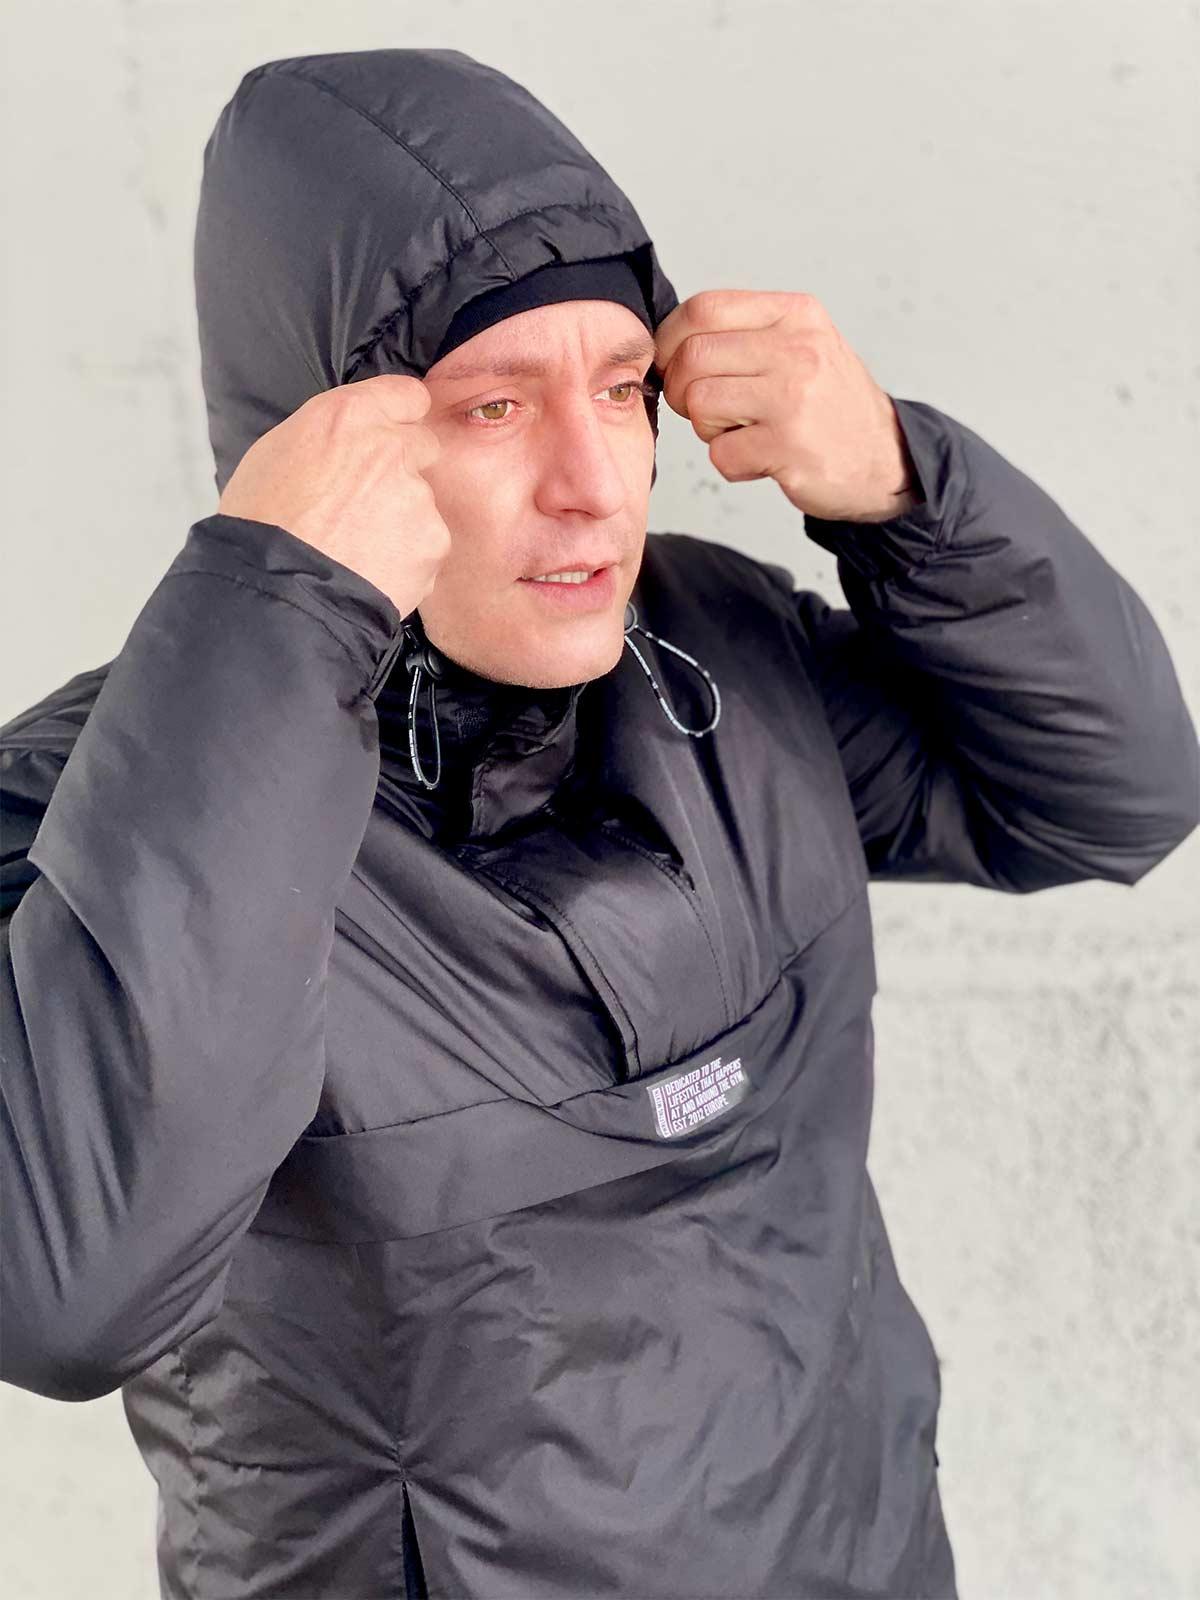 front-pm-windbreker-pro-jacket